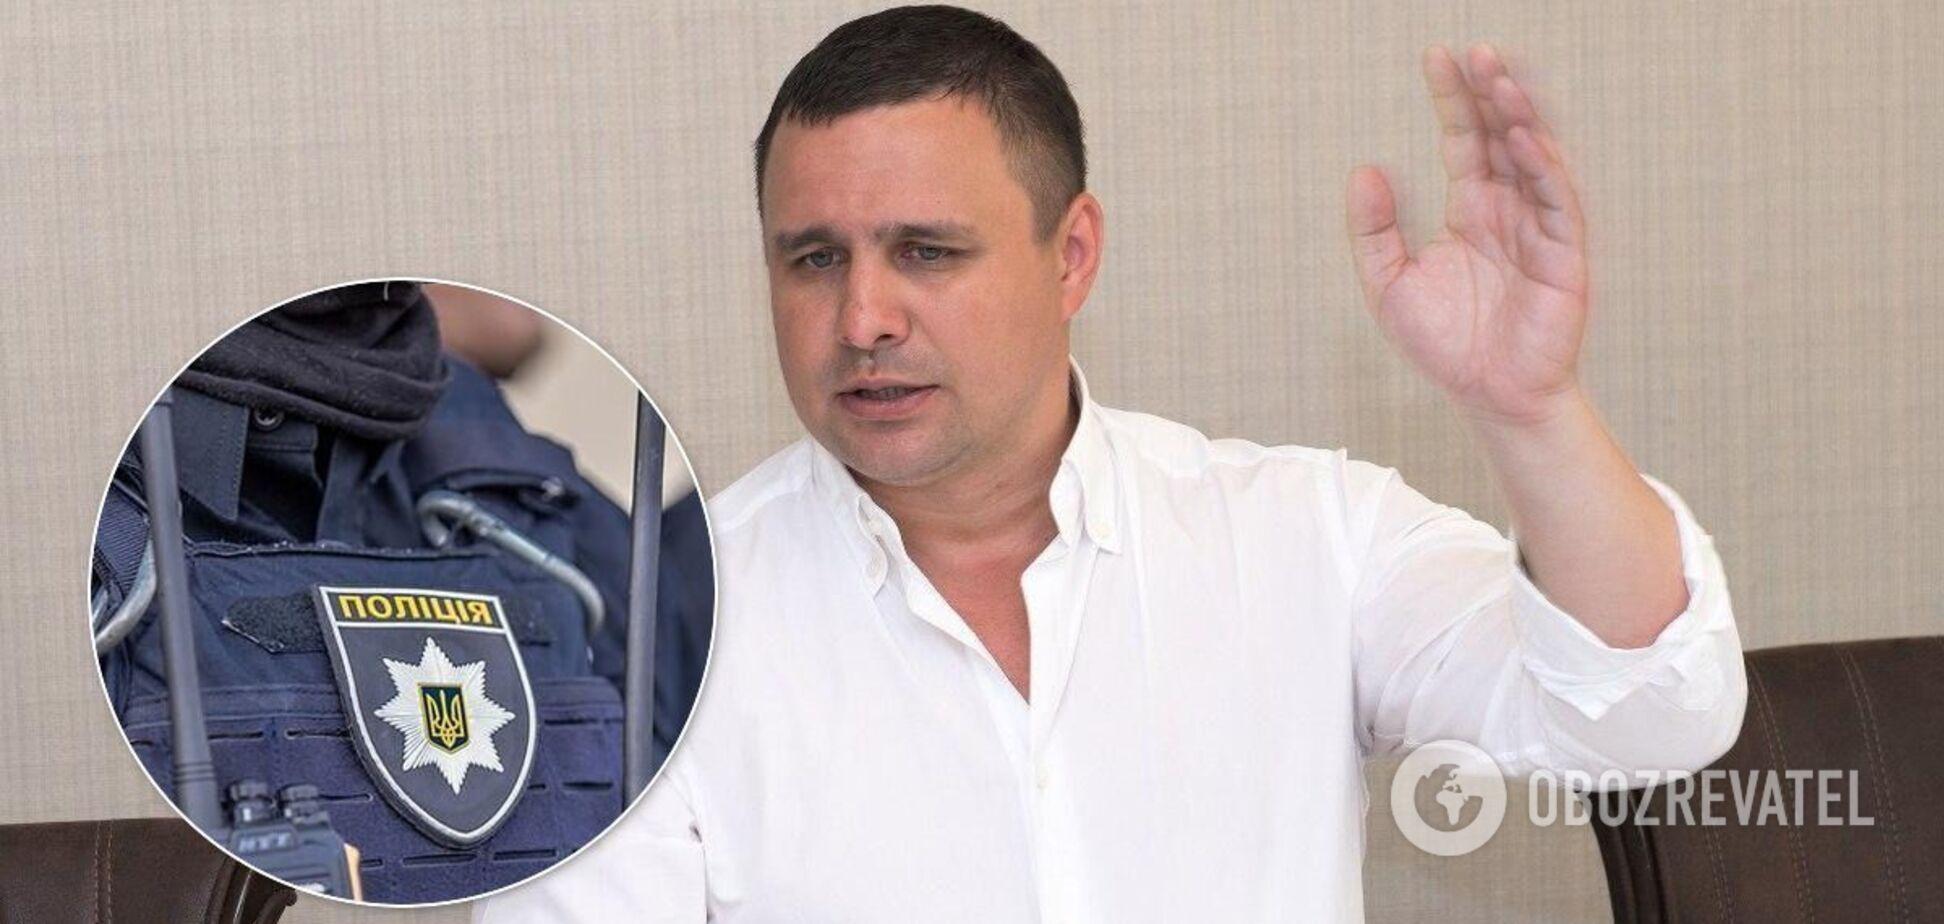 Микитась договорился о похищении человека, находясь под домашним арестом – полиция